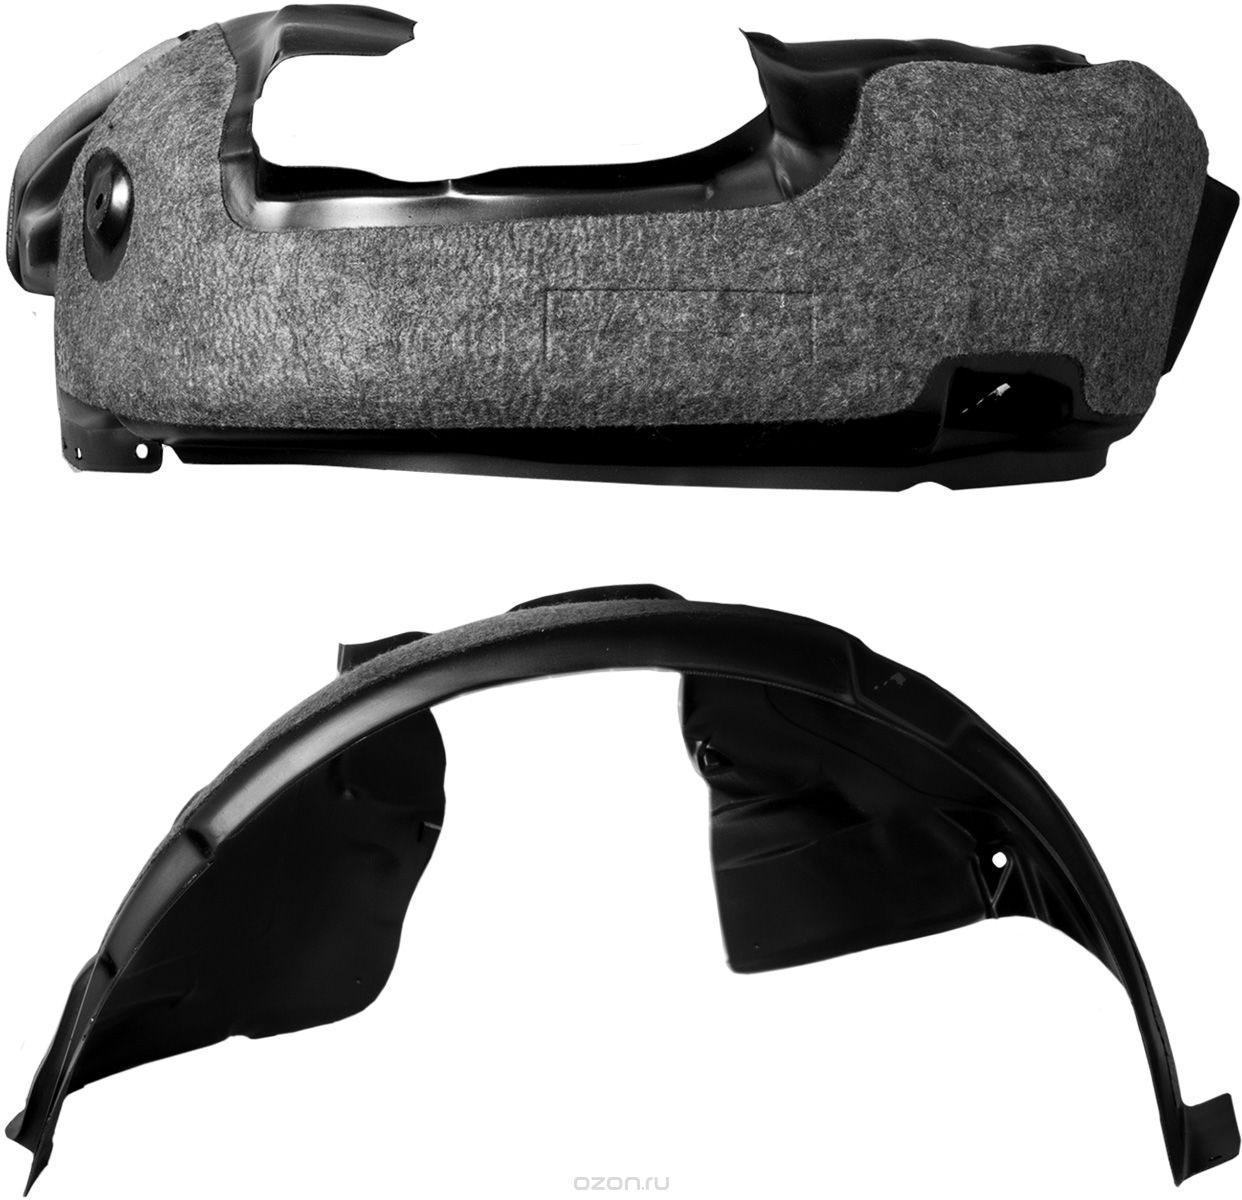 Подкрылок Novline-Autofamily, с шумоизоляцией, для HYUNDAI Creta, 06/2016->, кроссовер, задний левый000414Идеальная защита колесной ниши. Локеры разработаны с применением цифровых технологий, гарантируют максимальную повторяемость поверхности арки. Изделия устанавливаются без нарушения лакокрасочного покрытия автомобиля, каждый подкрылок комплектуется крепежом. Уважаемые клиенты, обращаем ваше внимание, что фотографии на подкрылки универсальные и не отражают реальную форму изделия. При этом само изделие идет точно под размер указанного автомобиля.